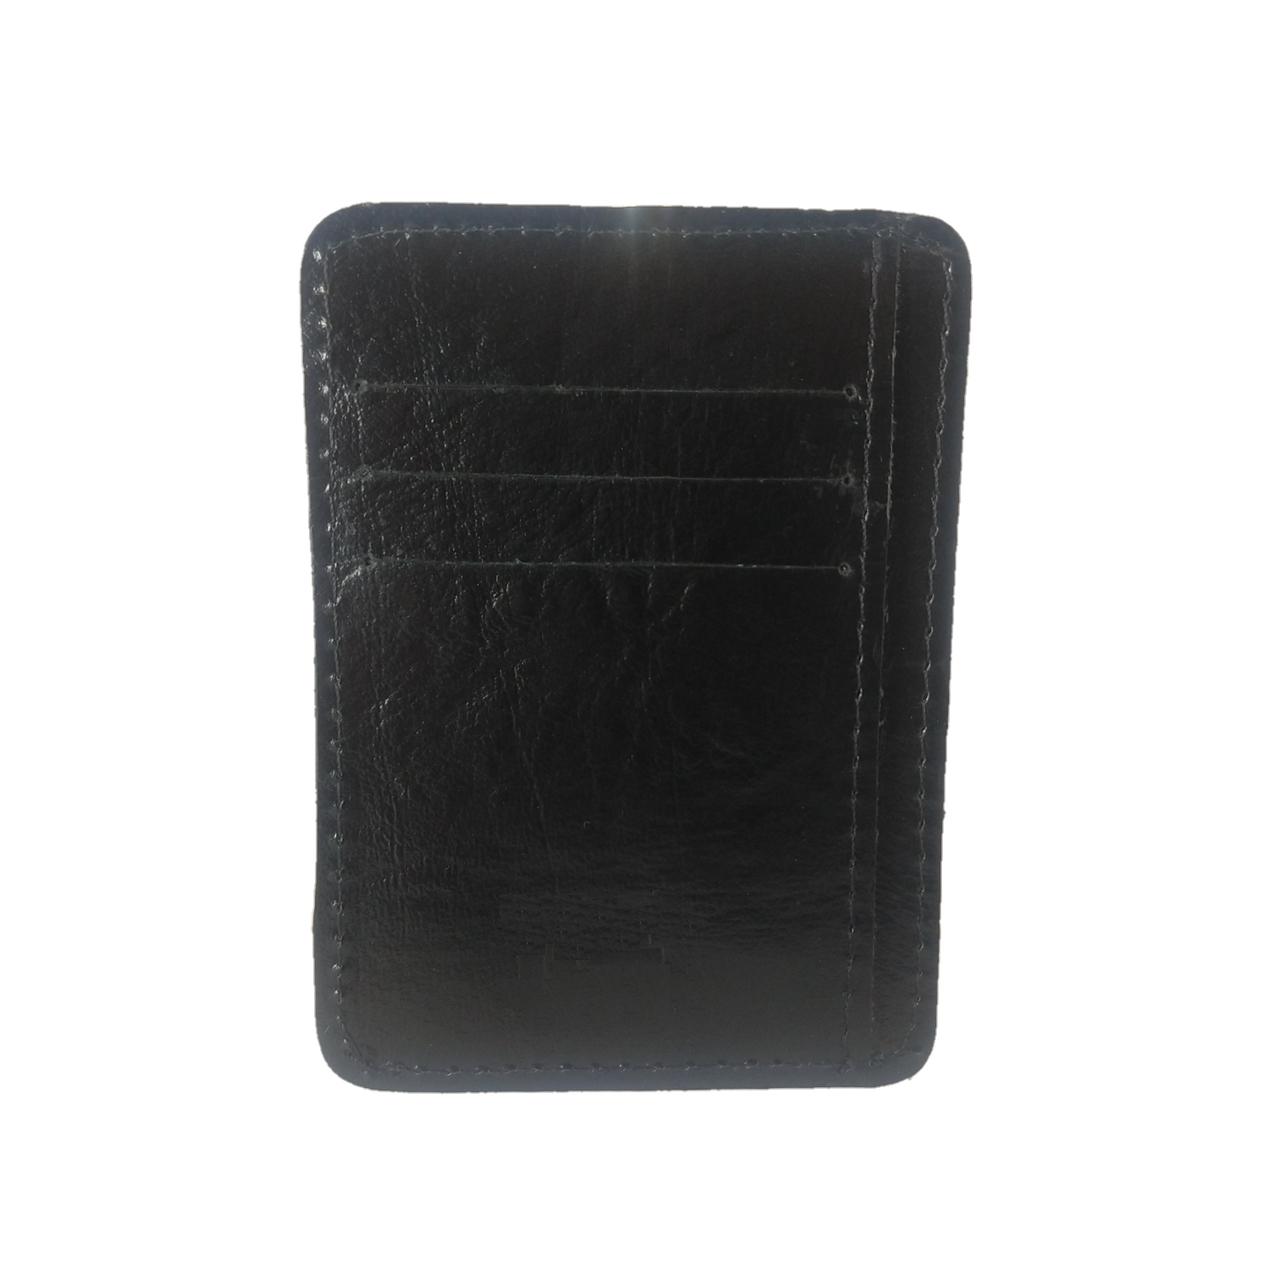 Kit Bolsa Transversal e Porta Cartões TopGrife Couro Preto  - SAPATOWEB.COM